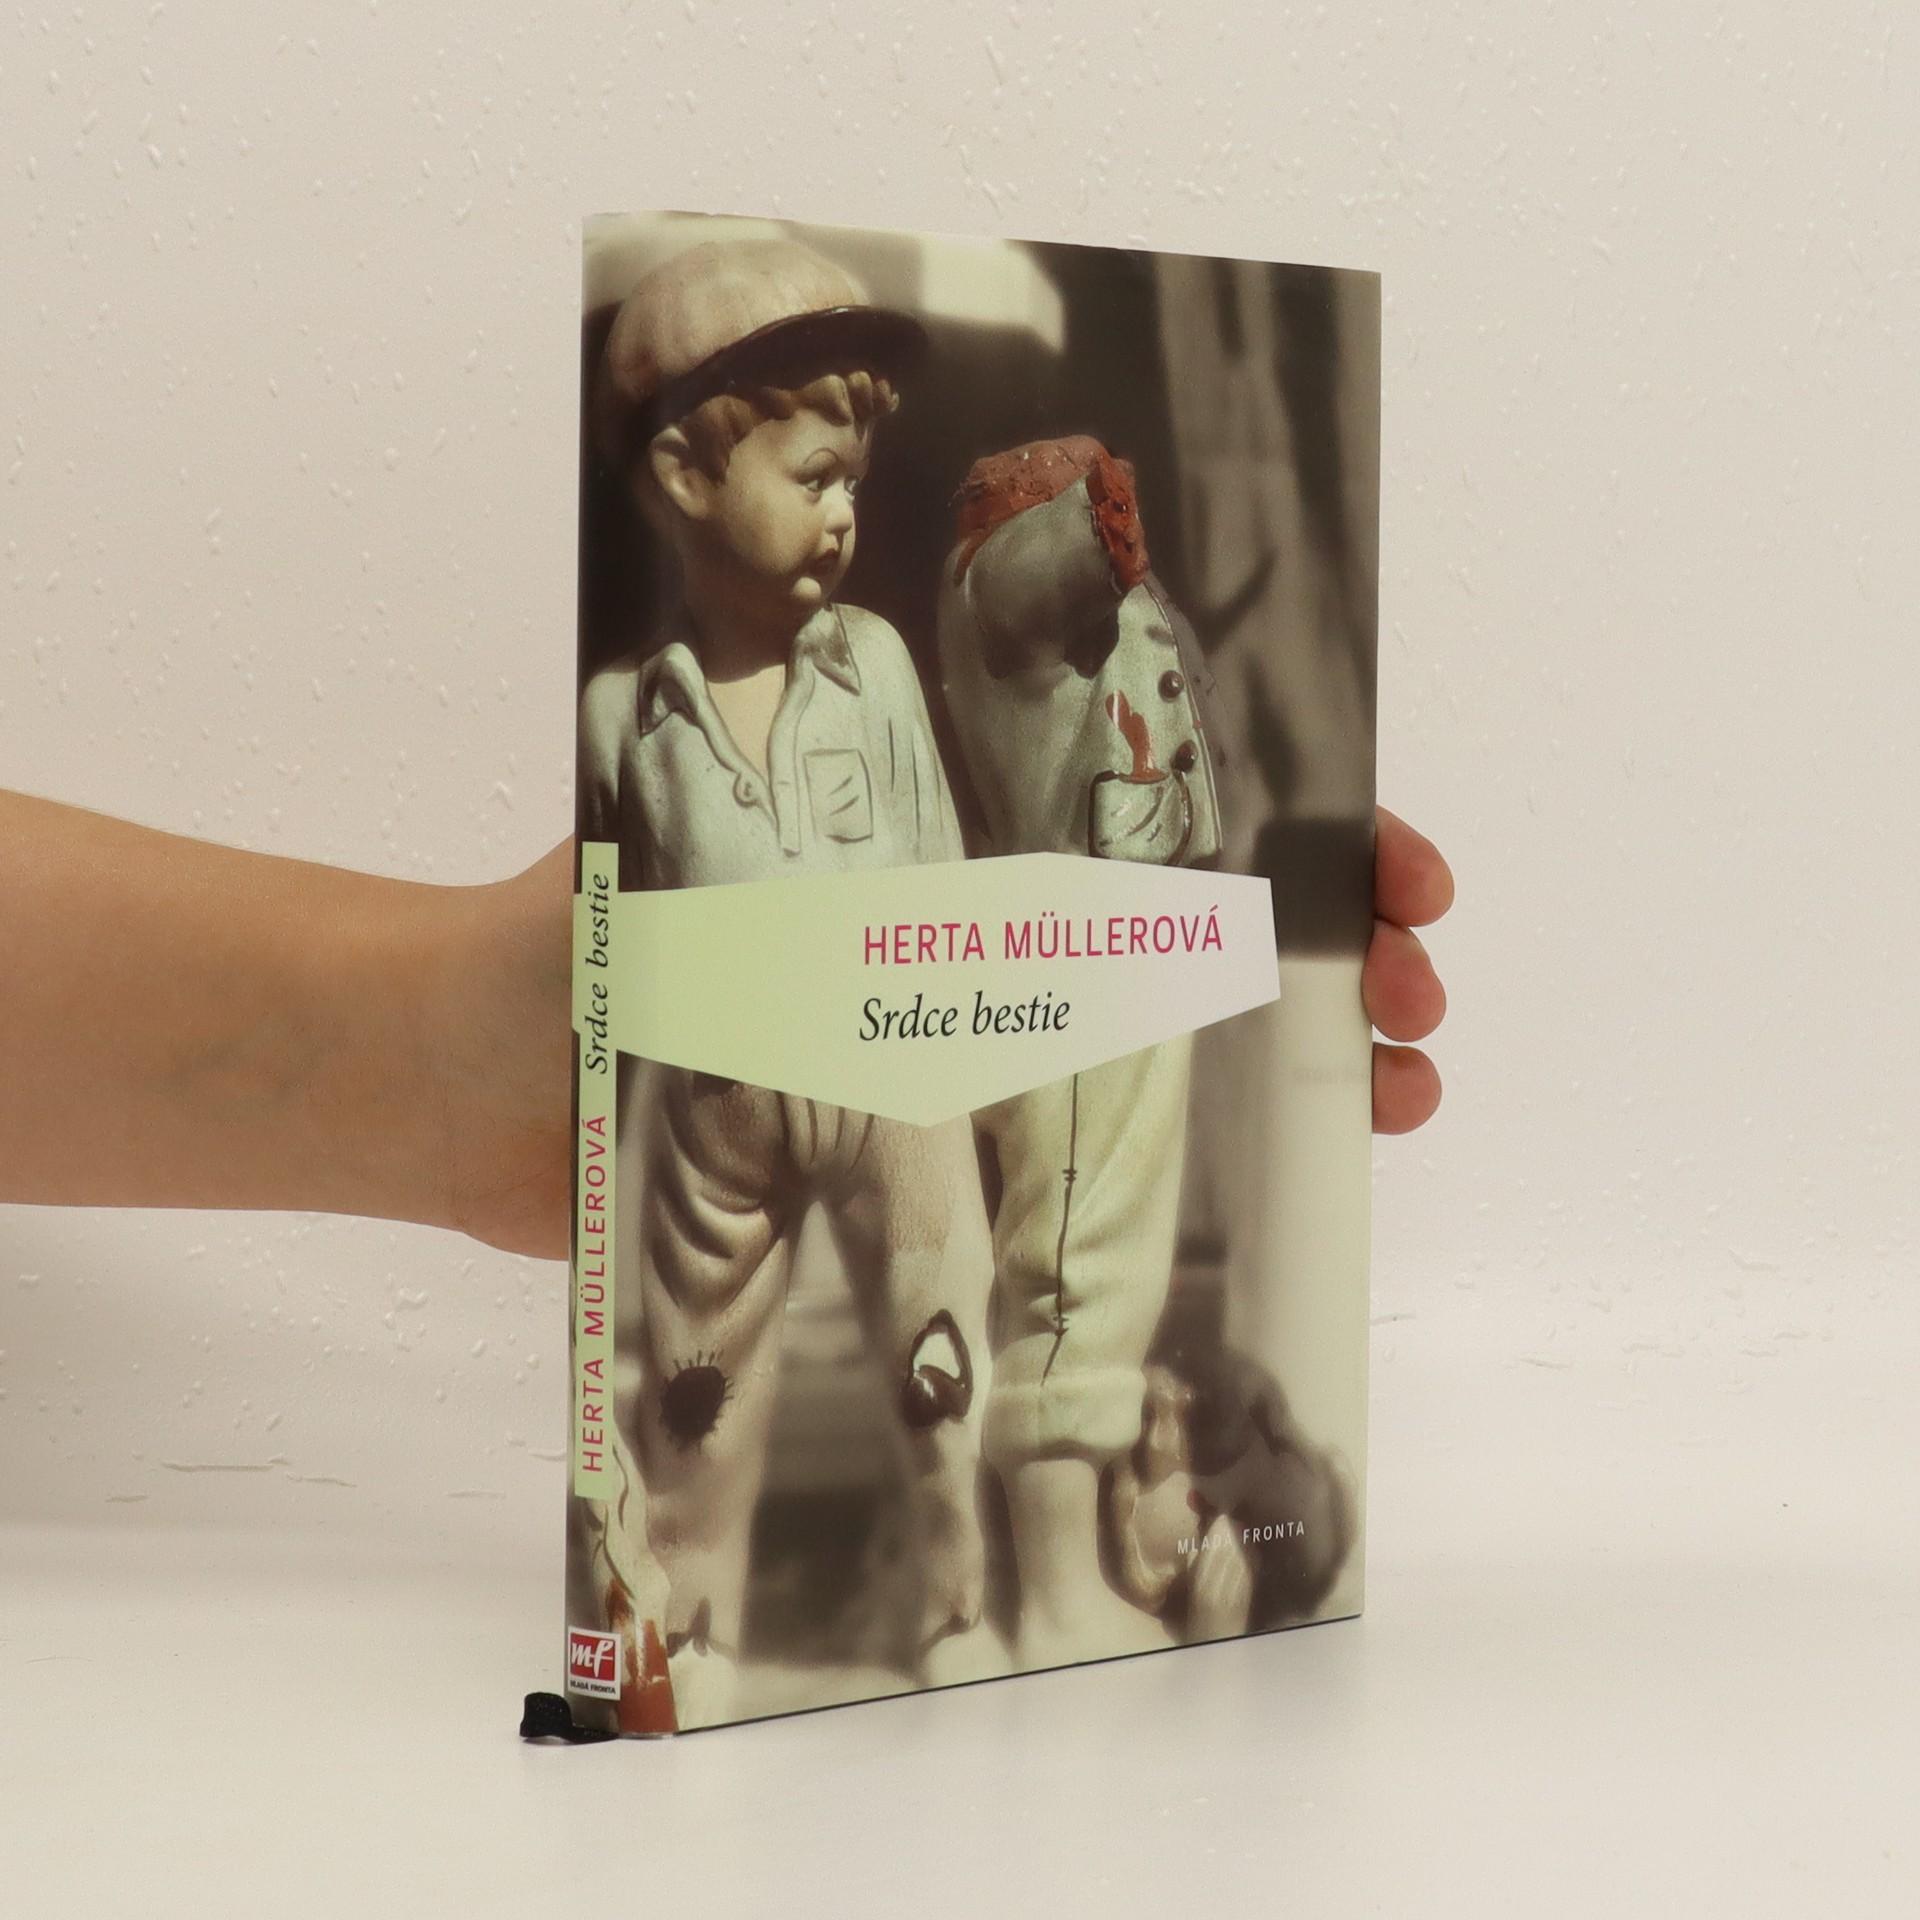 antikvární kniha Srdce bestie, 2011